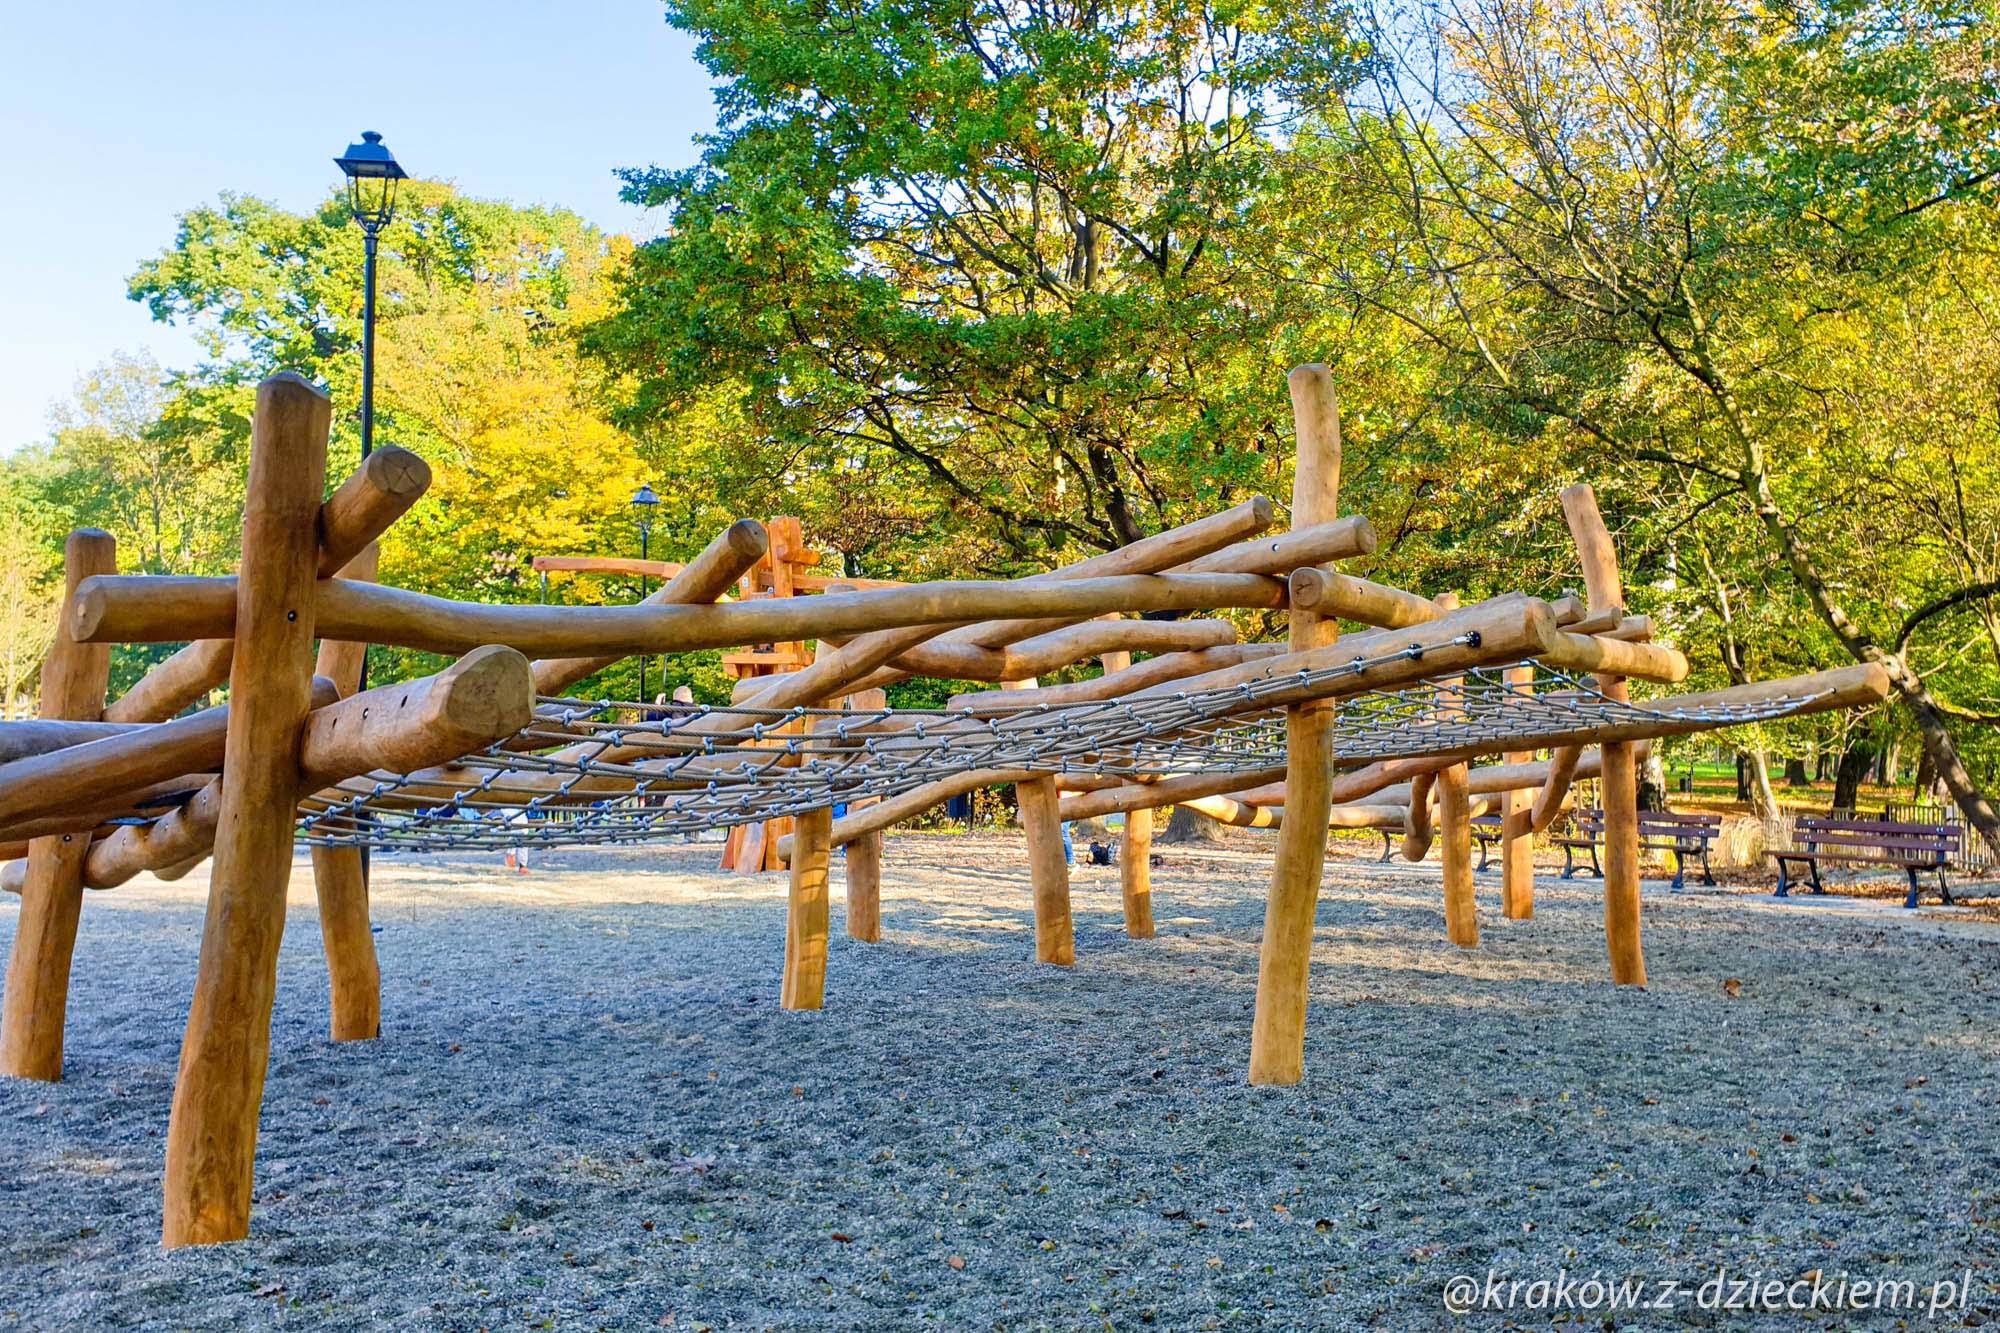 pajęczyna, Park Jerzmanowskich